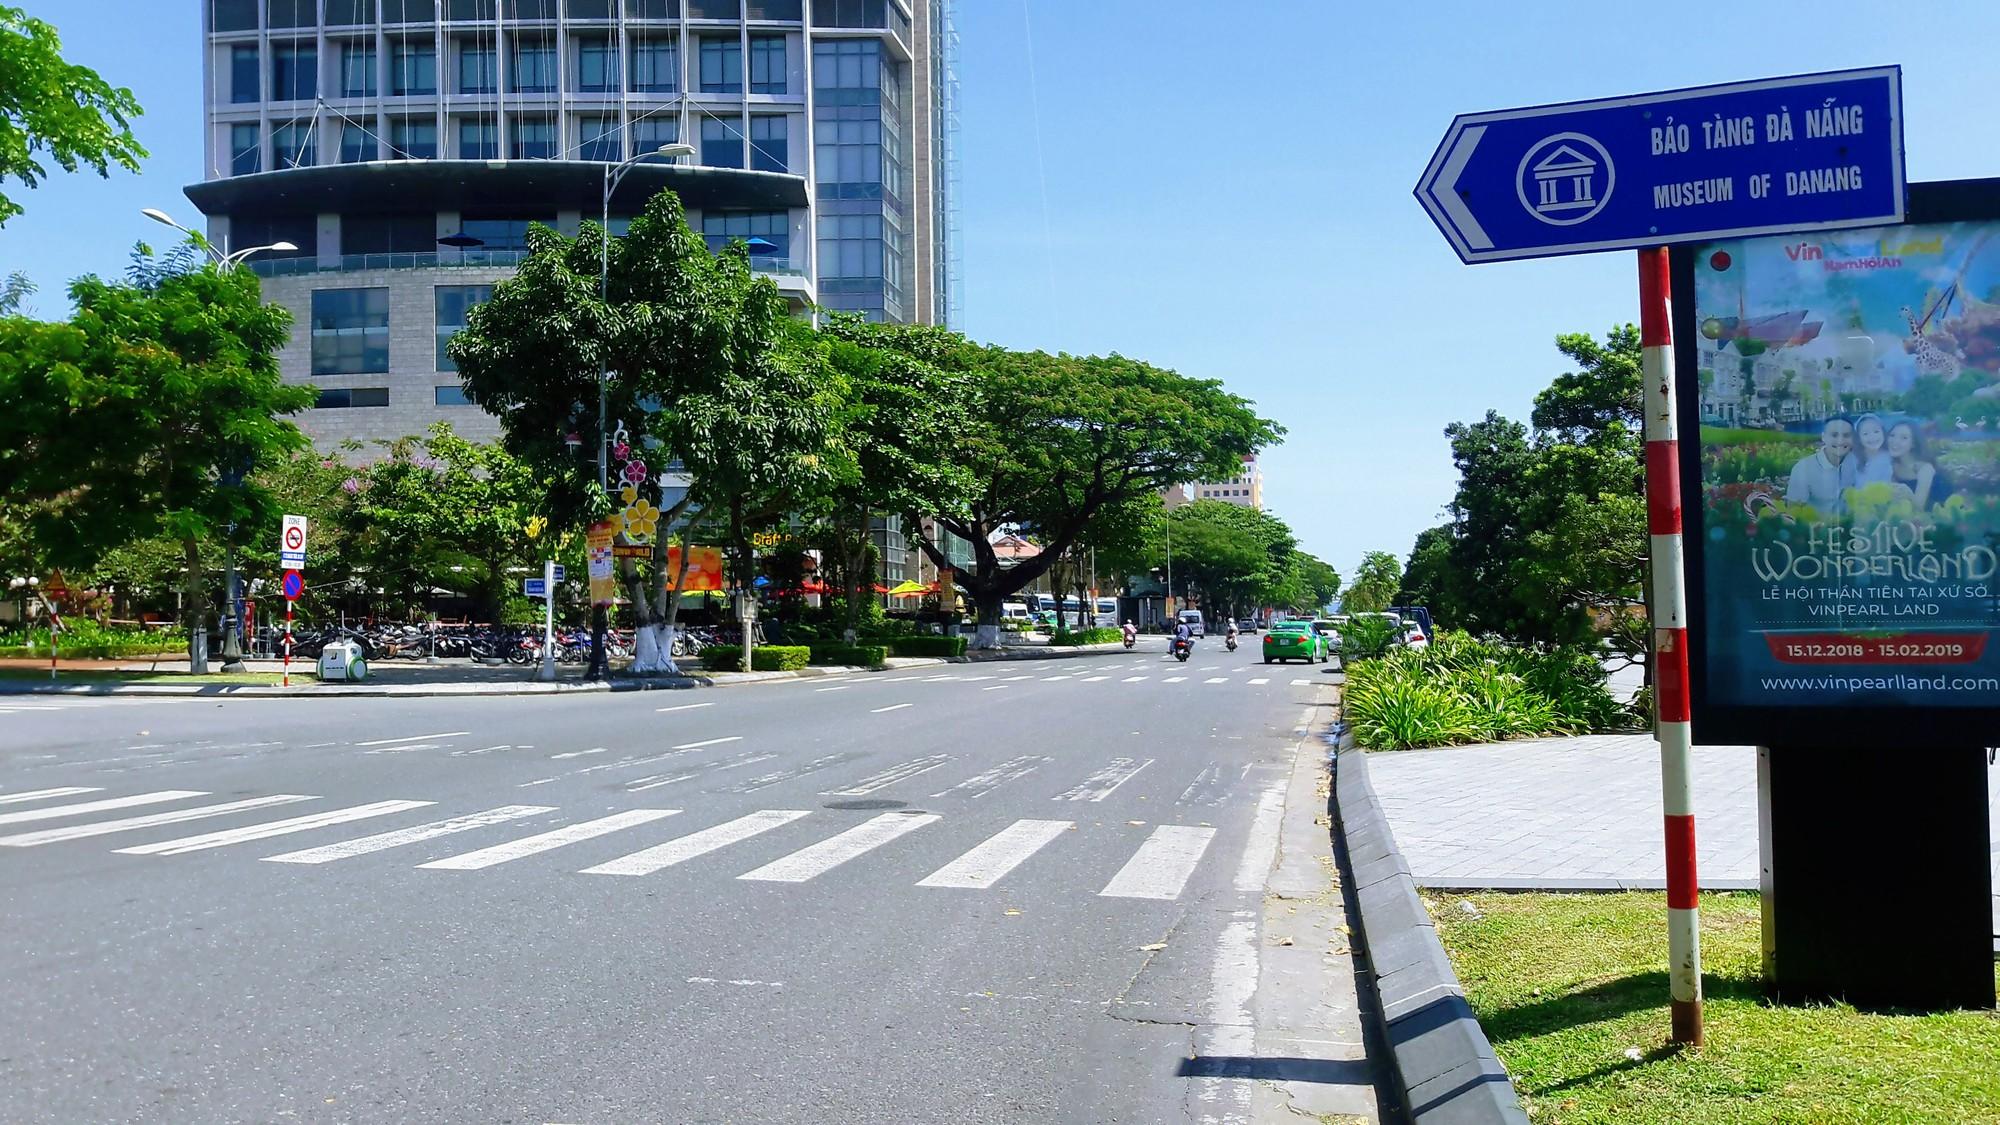 Những tuyến đường cấm ô tô để tổ chức Lễ hội pháo hoa Quốc tế Đà Nẵng 2019 - Ảnh 8.